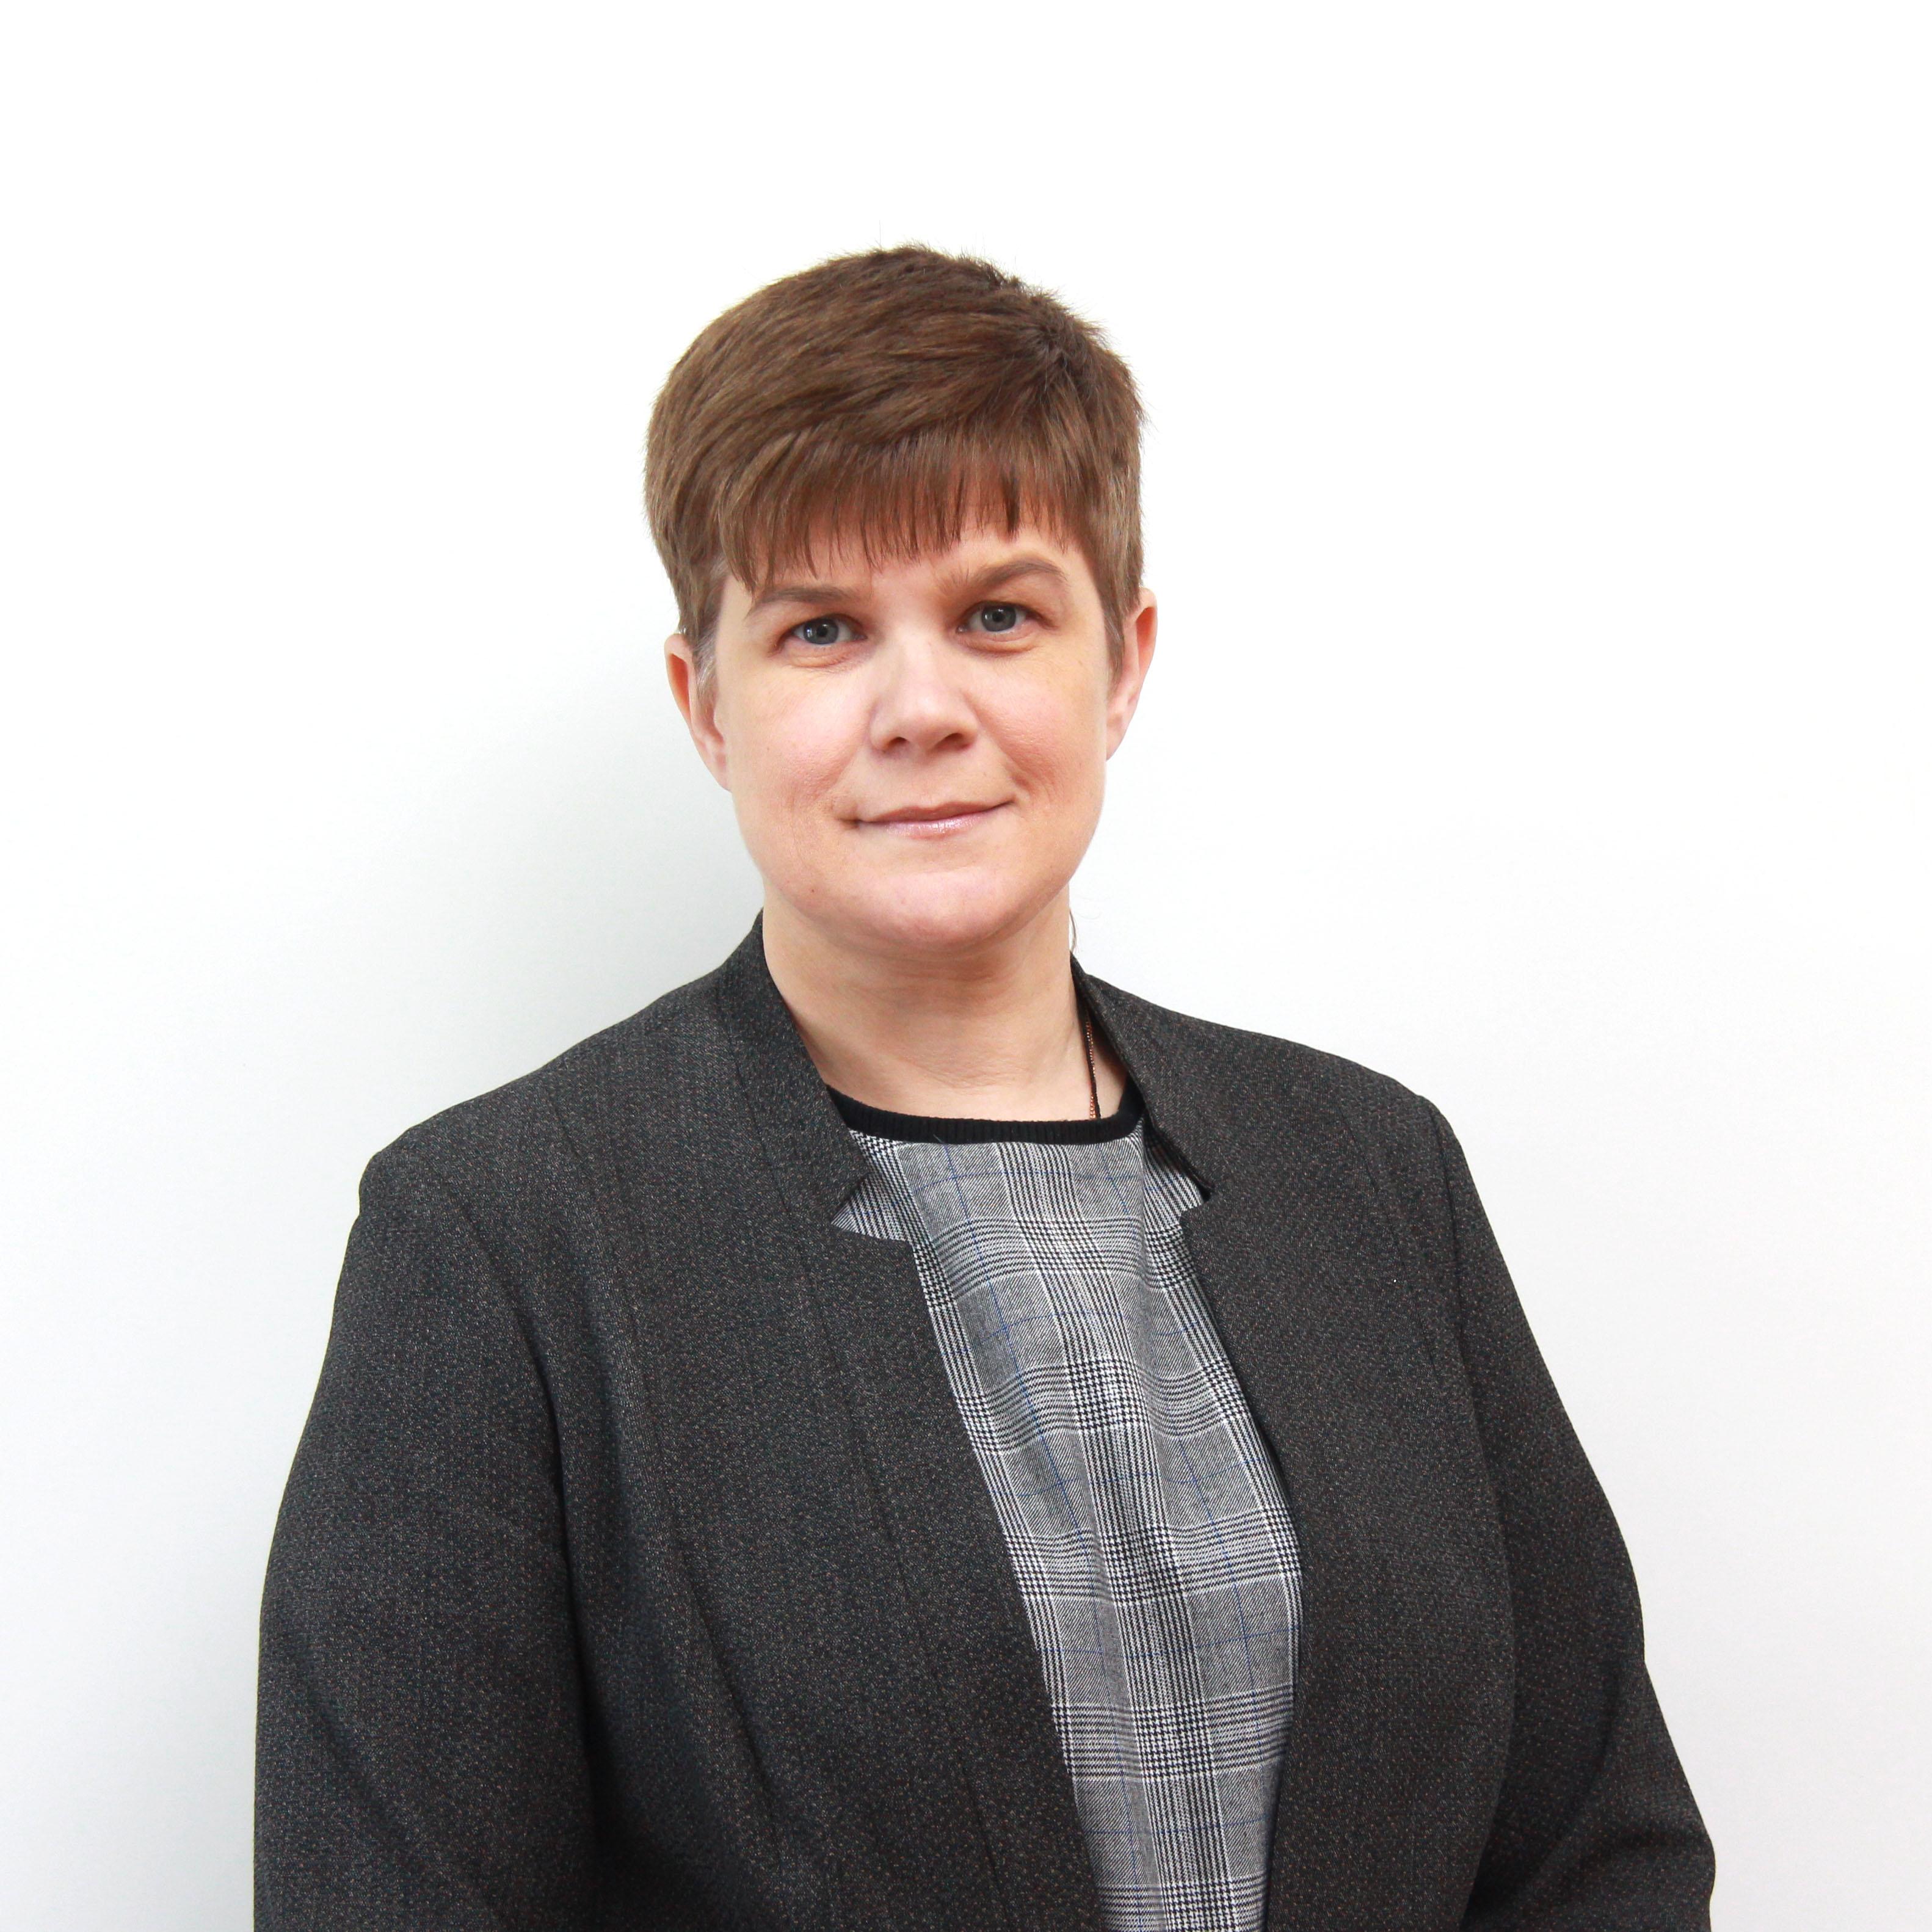 Пряникова Наталья Геннадьевна